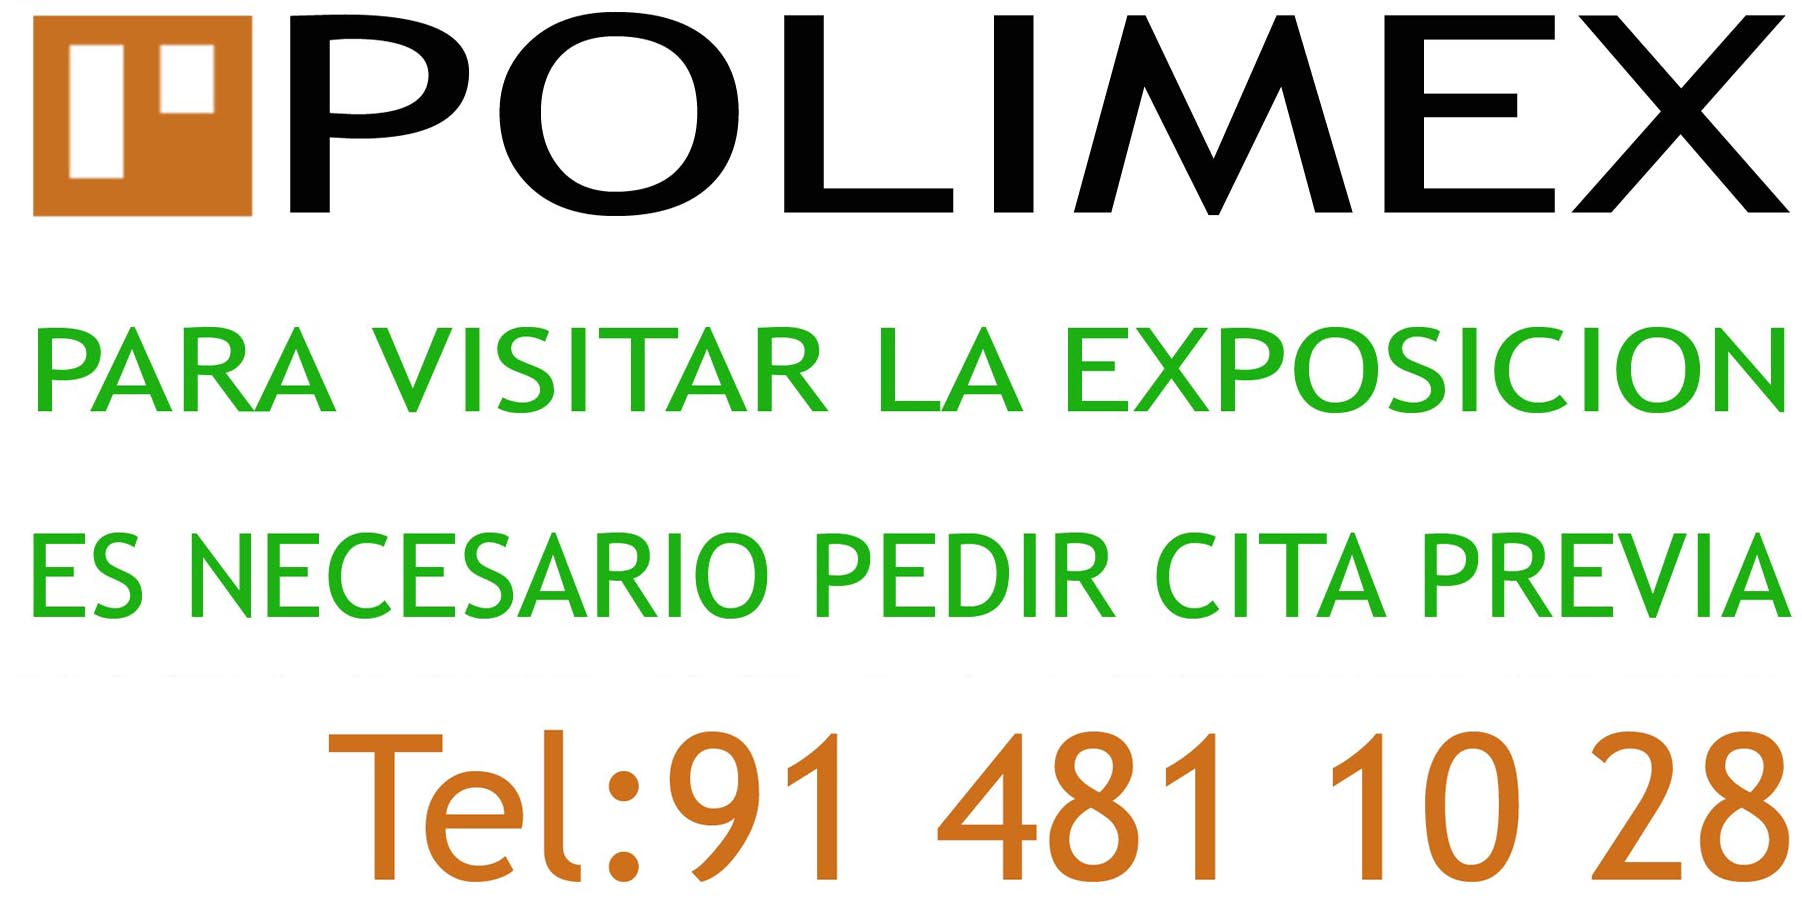 Telefono y direccion de exposicion de armarios de frentes polimex s.l.